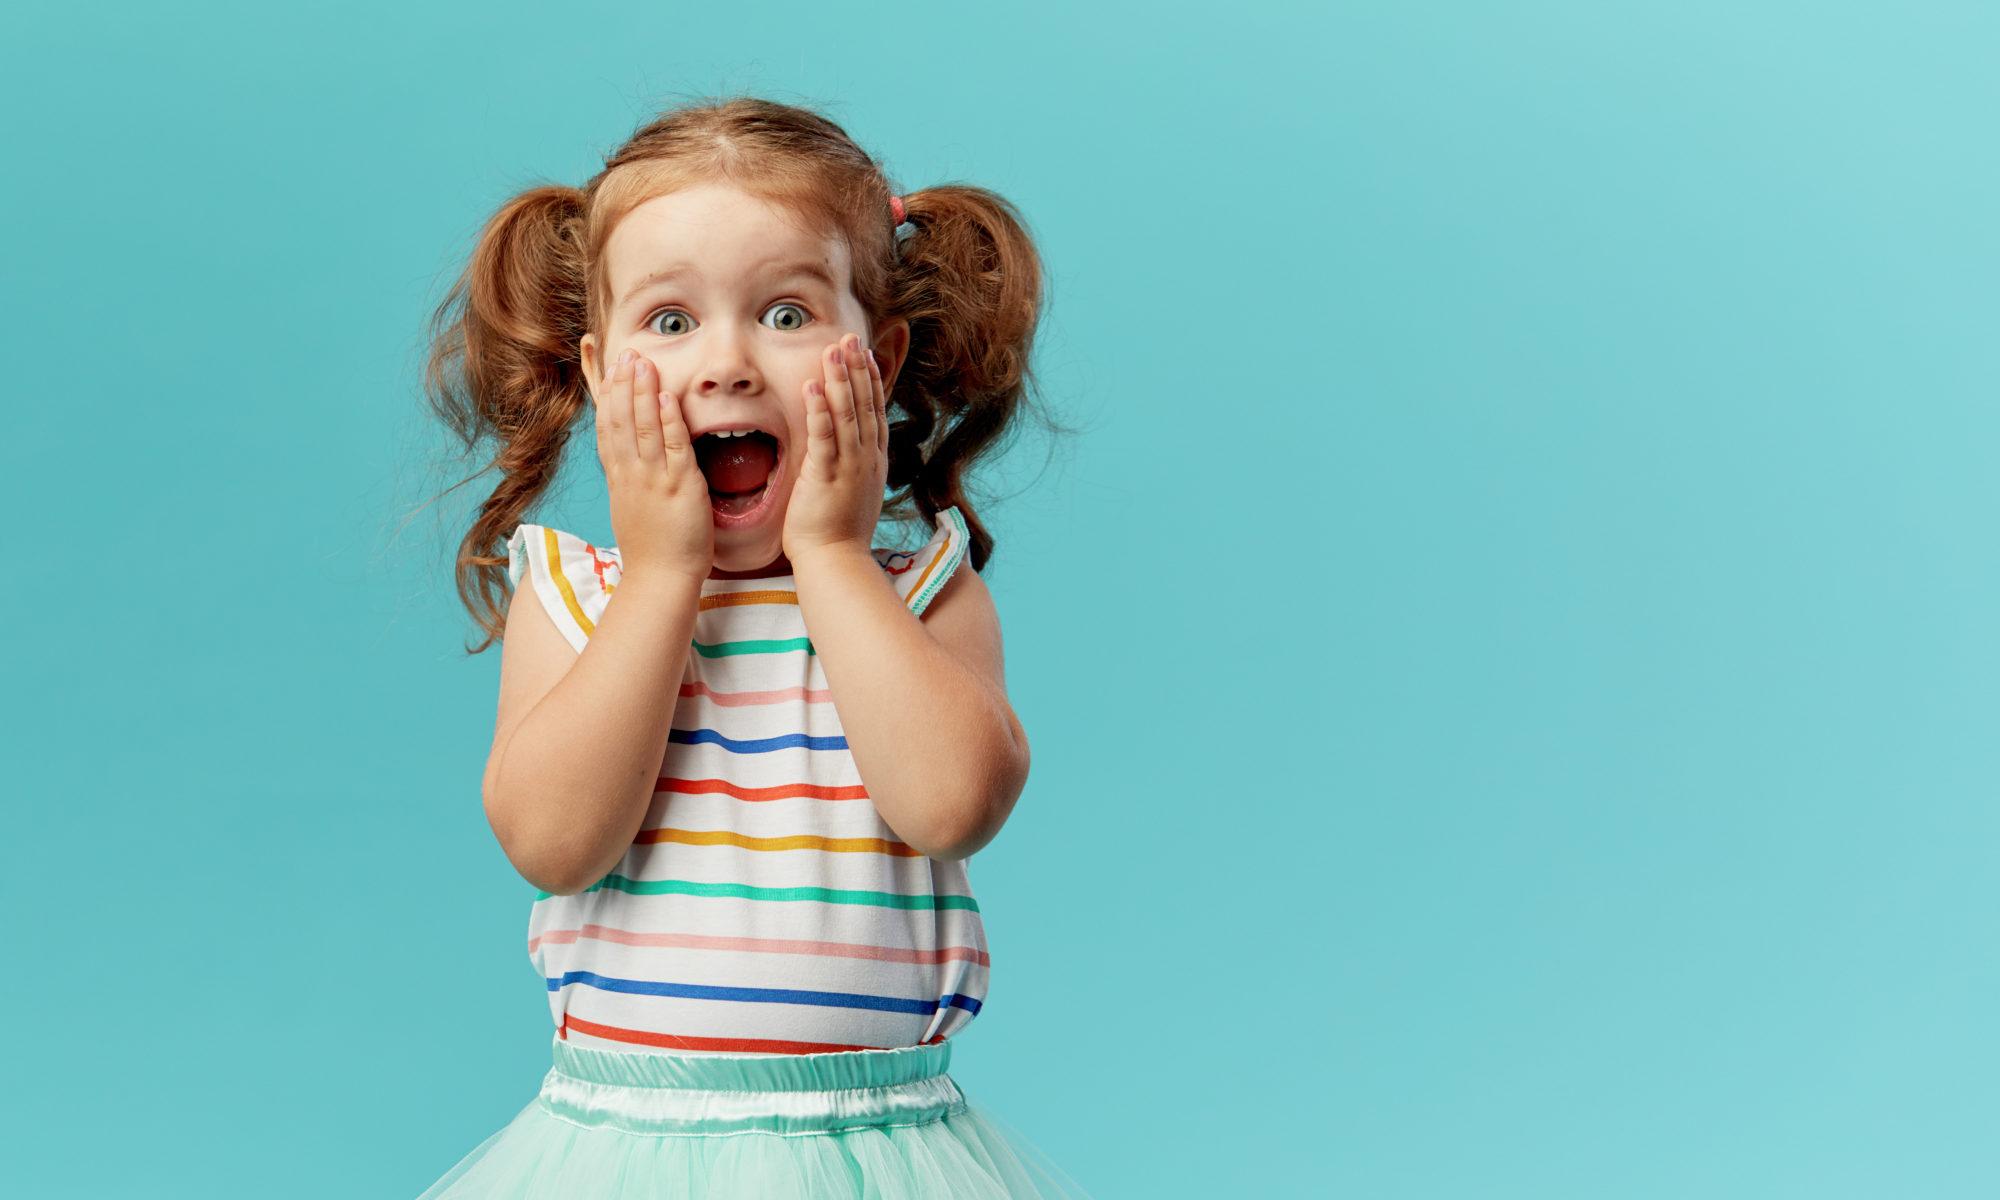 zaskoczona radosna rudowłosa dziewczynka